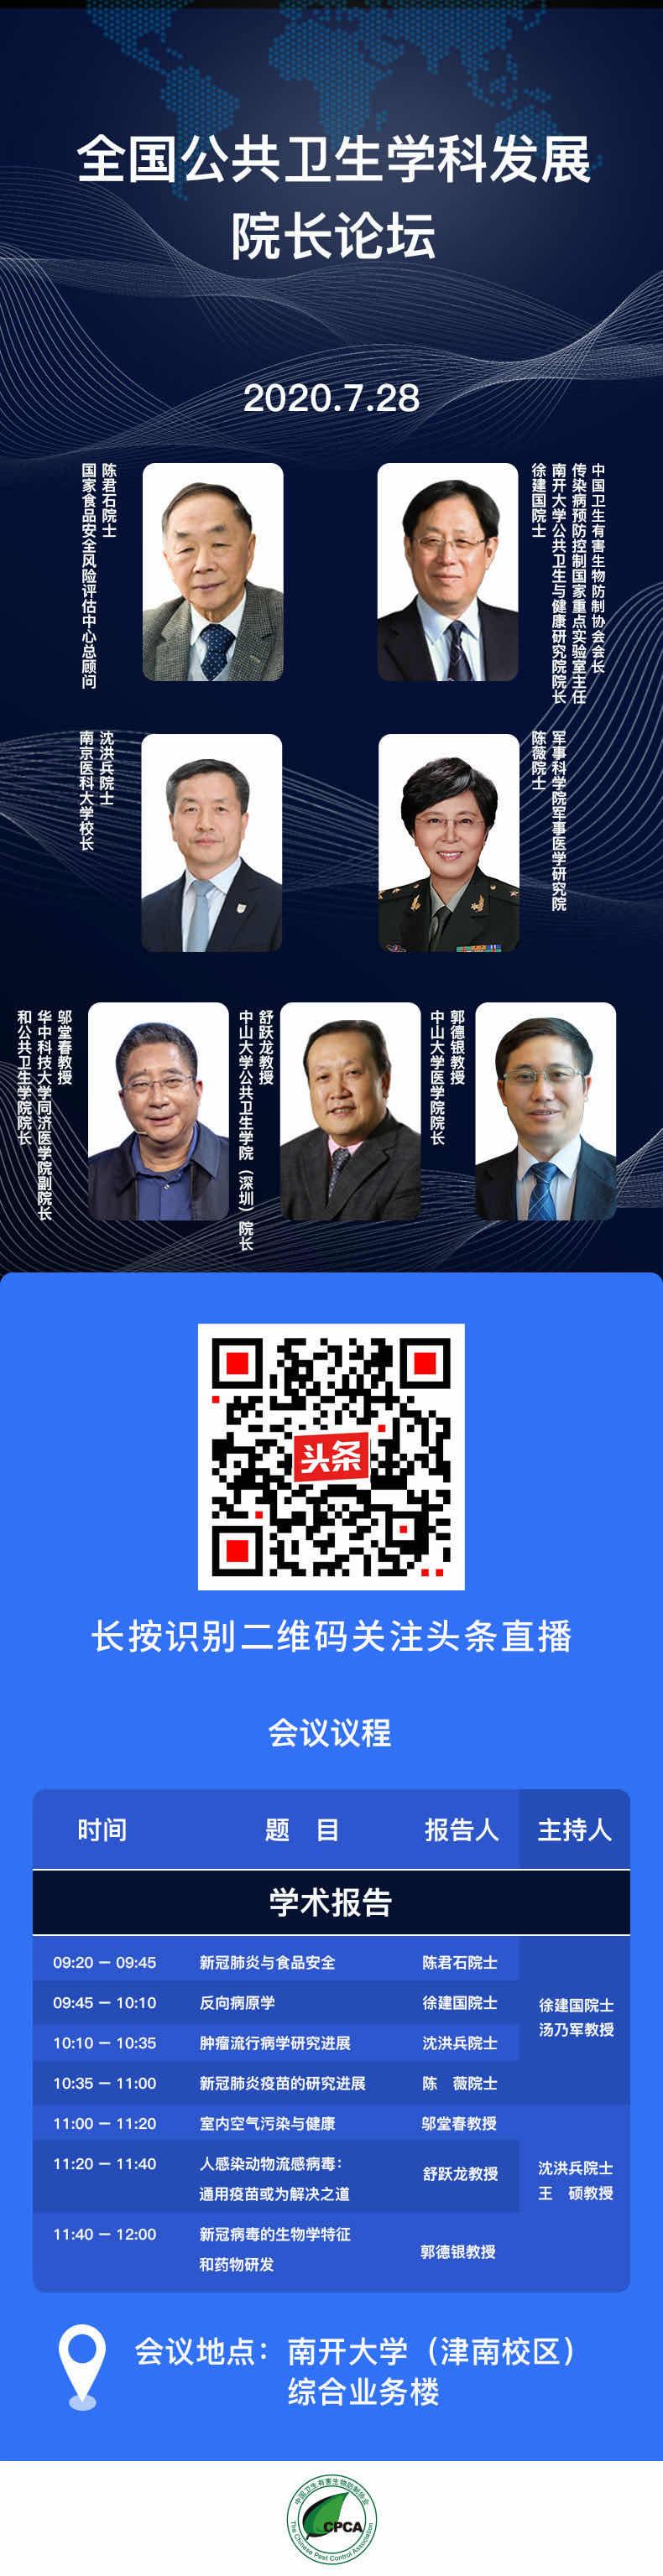 微信图片_20200727190936.jpg